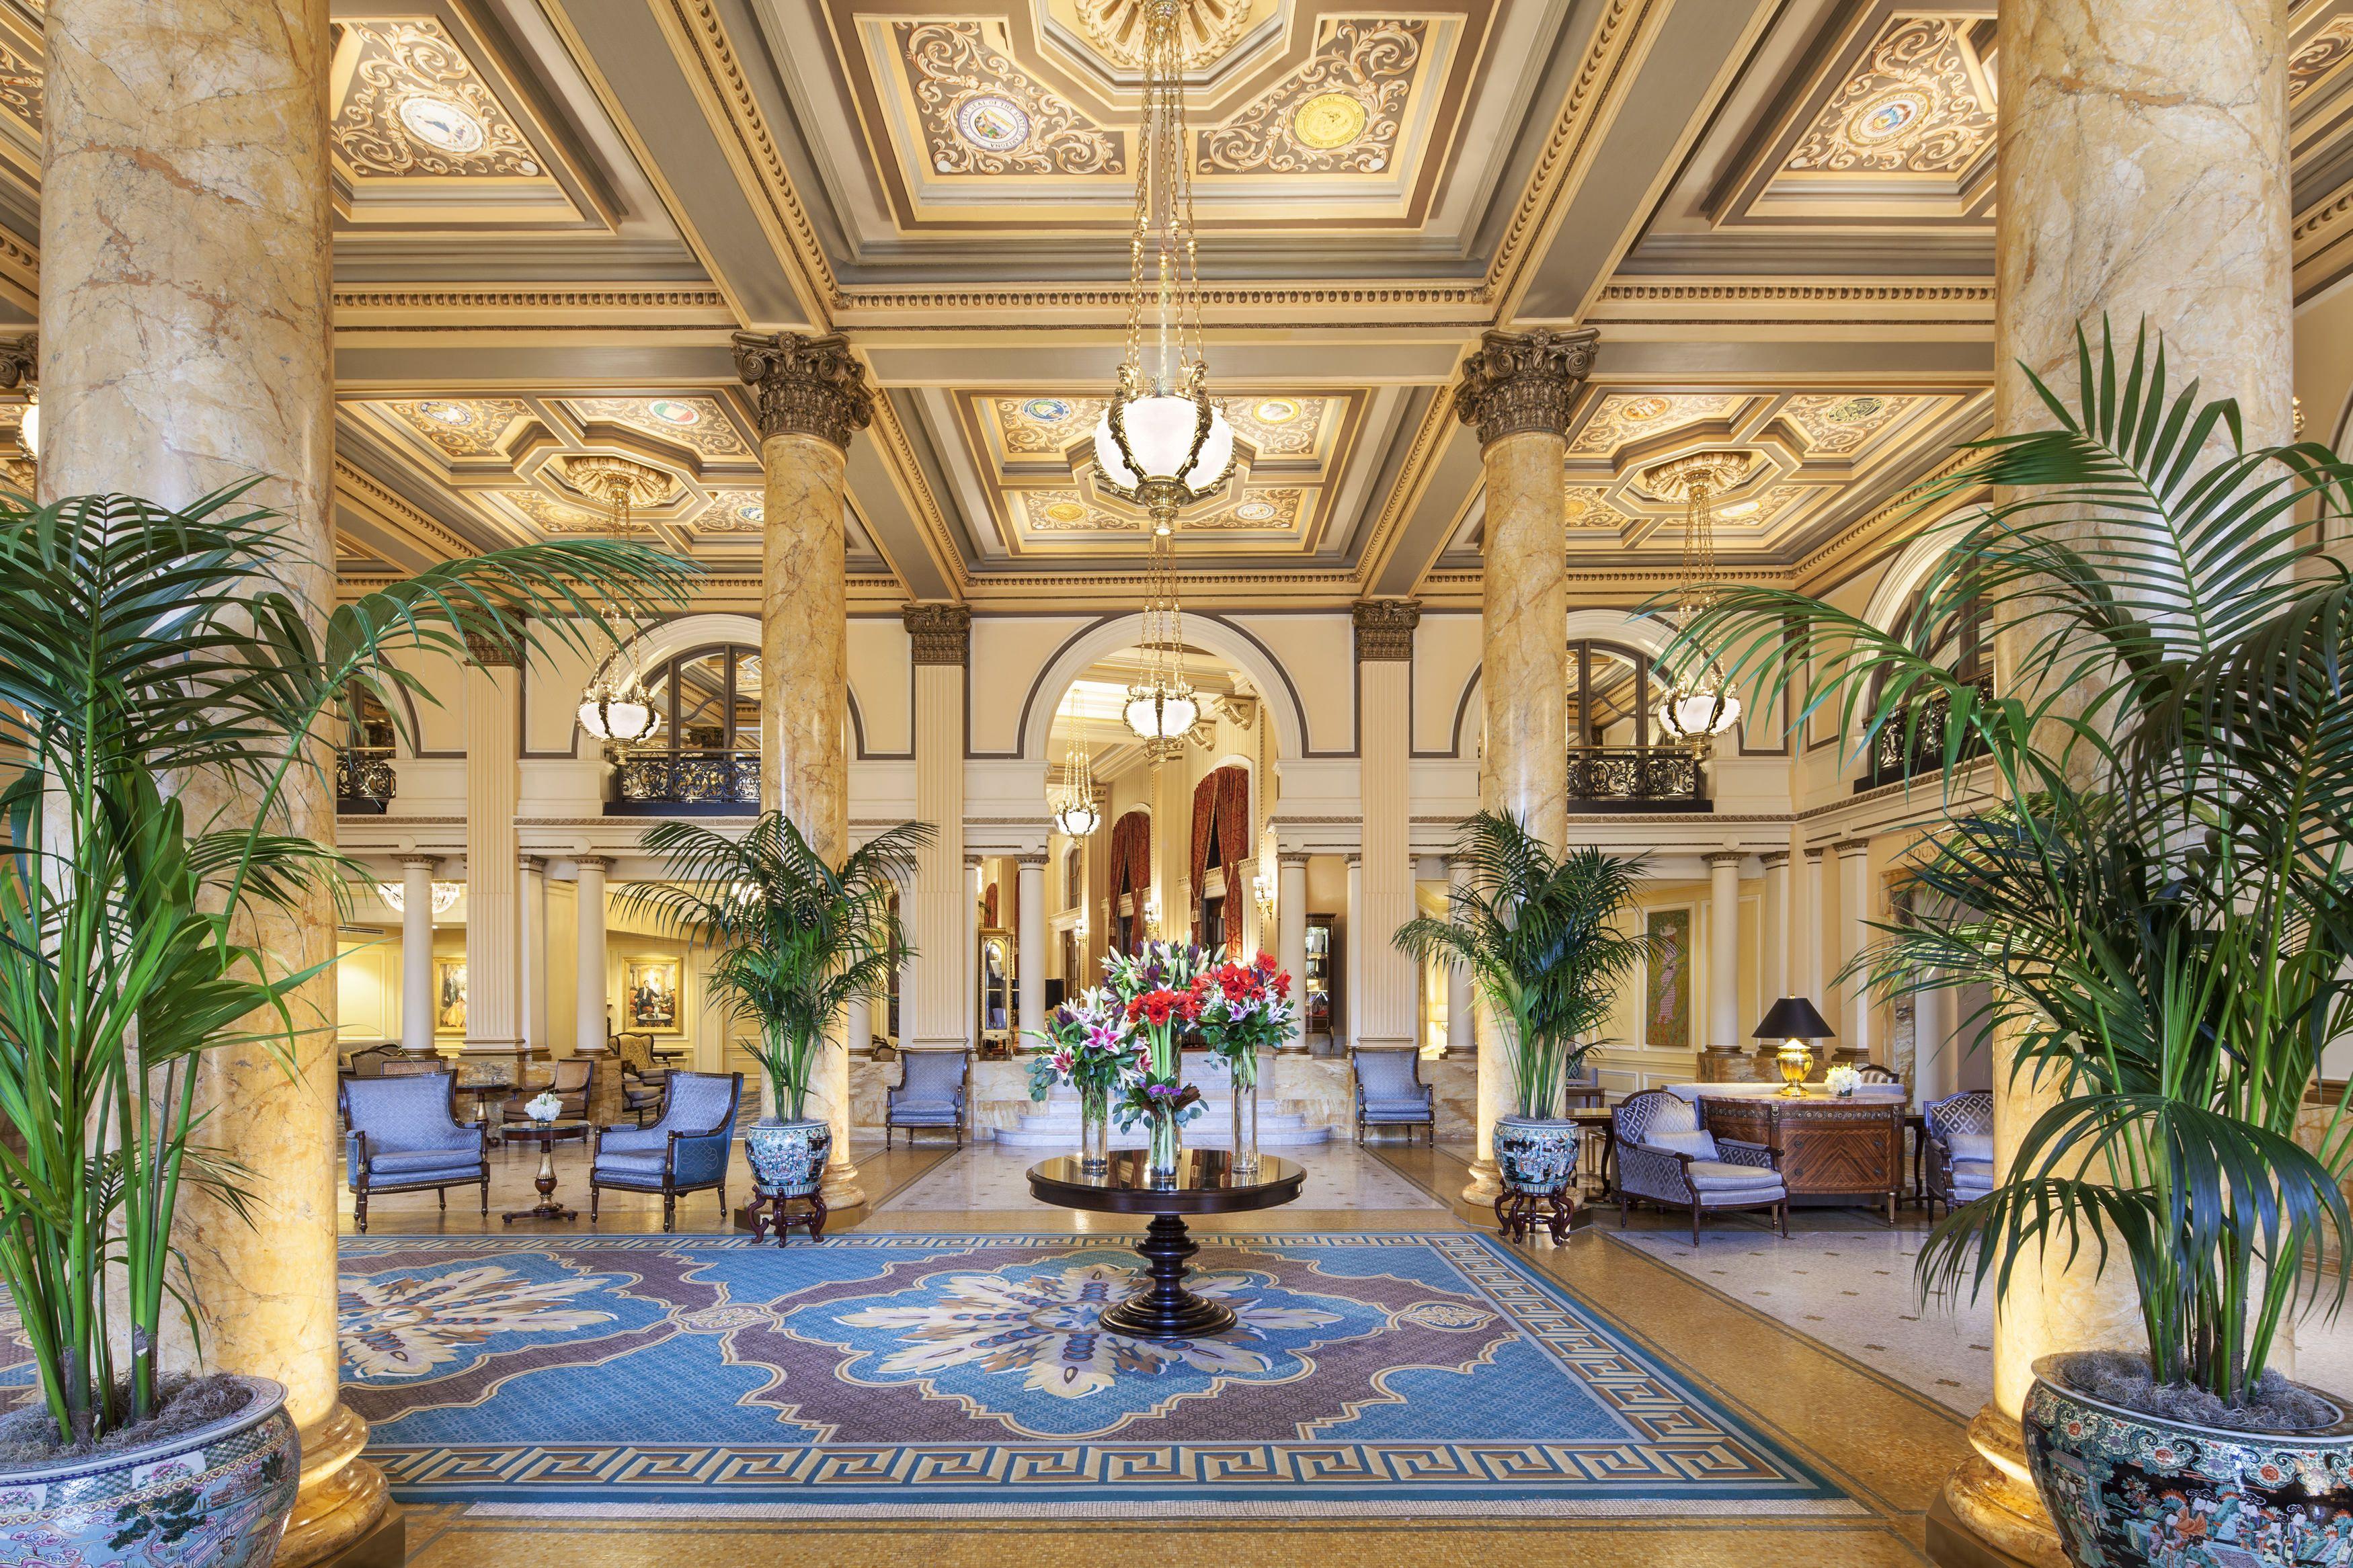 Miami Intercontinental Hotel Spa